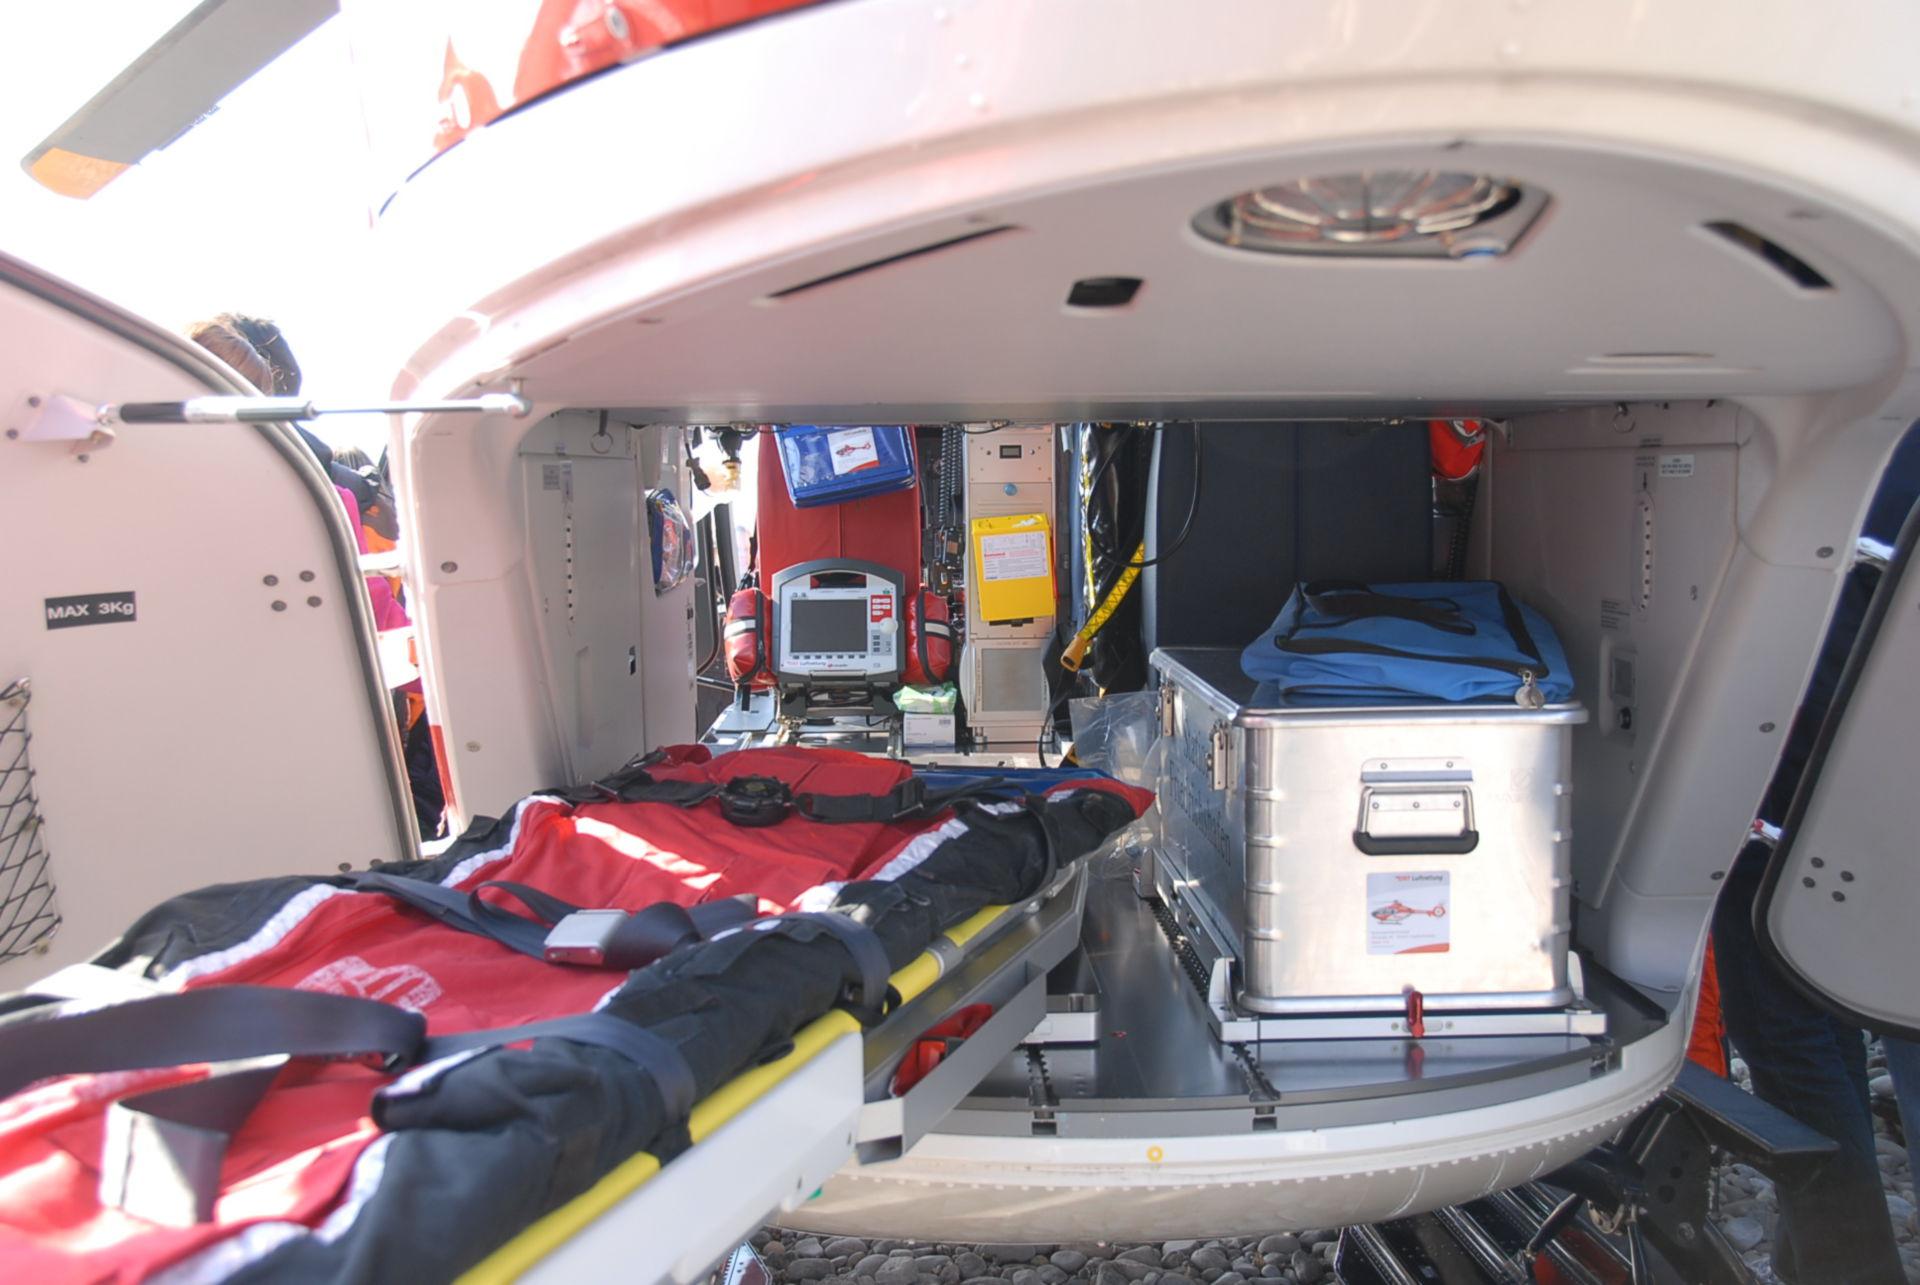 Emergenza e soccorso in elicottero